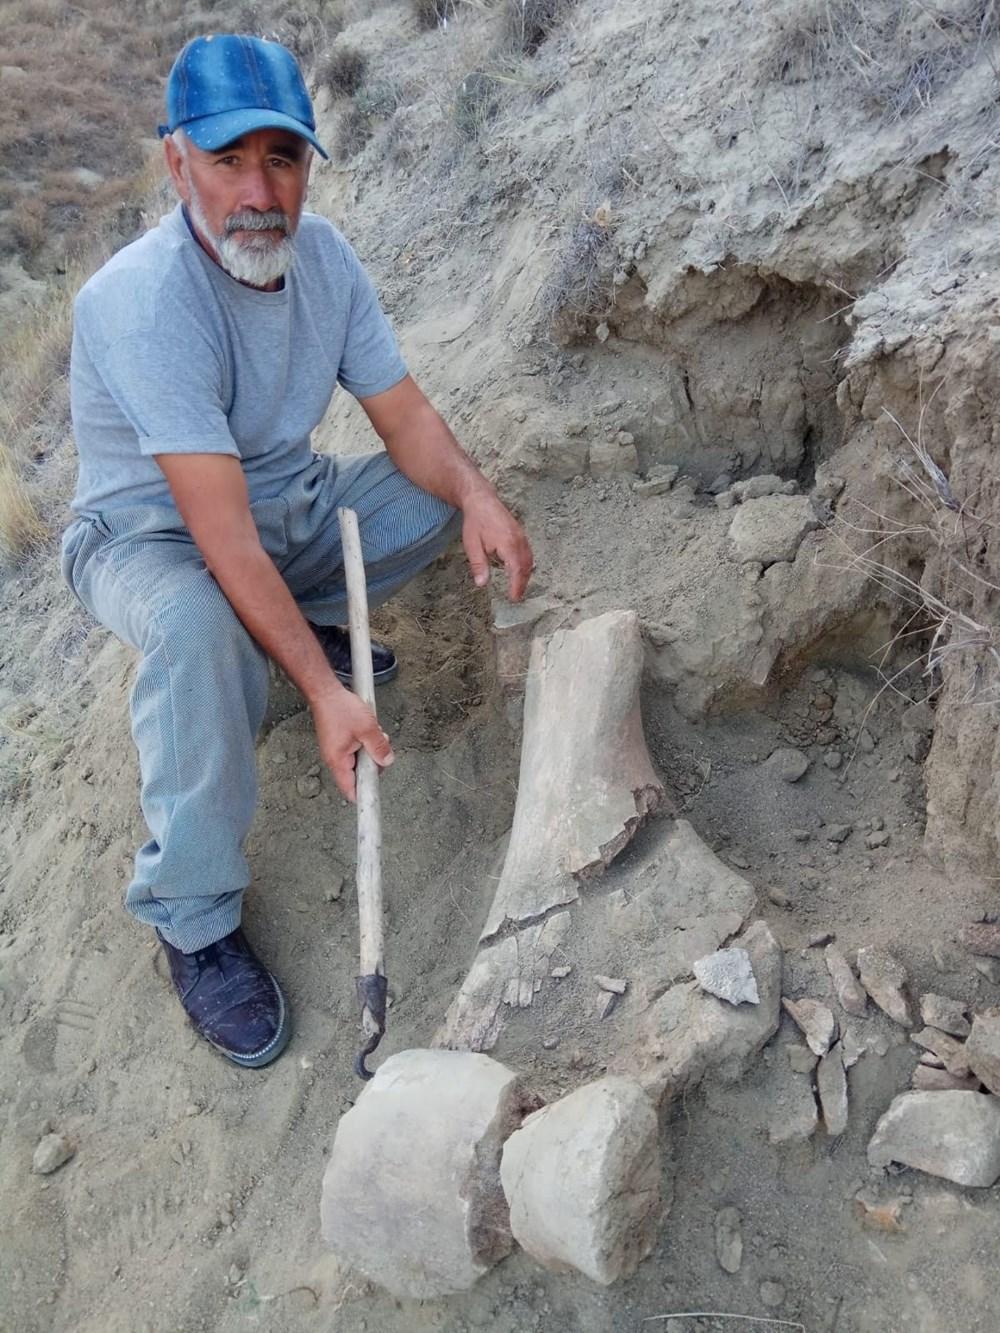 Amasya'da bulunan cisimler için mamut fosili heyecanı - 10